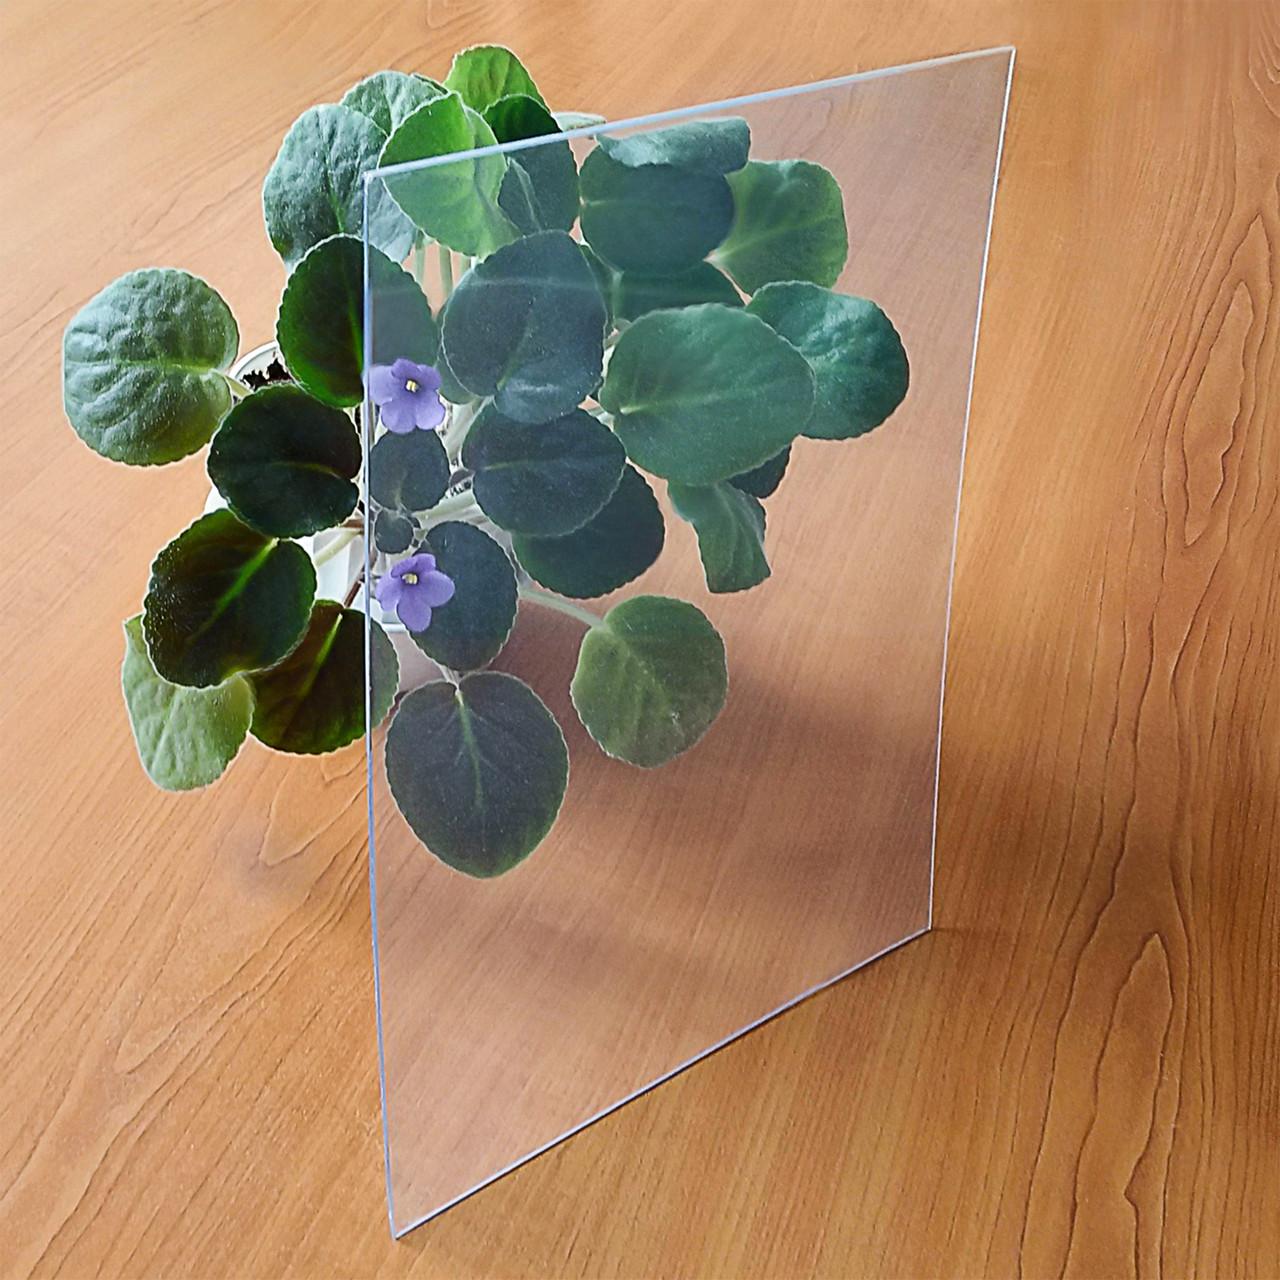 ПВХ твердый прозрачный, лист 1 x 1.4 м, 0.4 мм